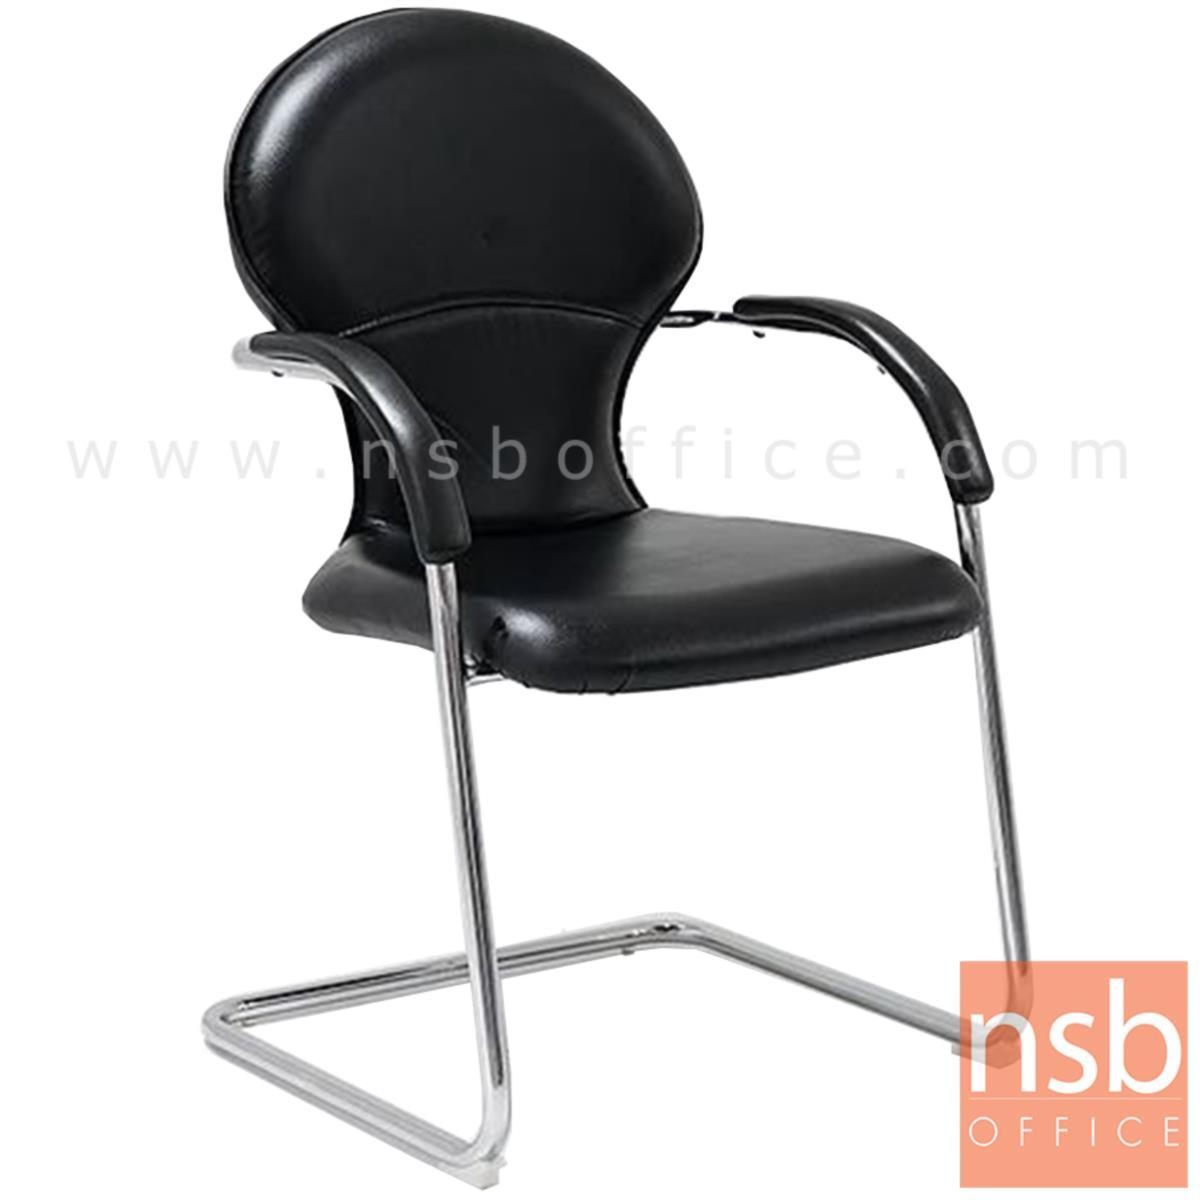 B04A026:เก้าอี้รับแขกขาตัวซี รุ่น Flack (แฟล็ก)  ขาเหล็กชุบโครเมี่ยม